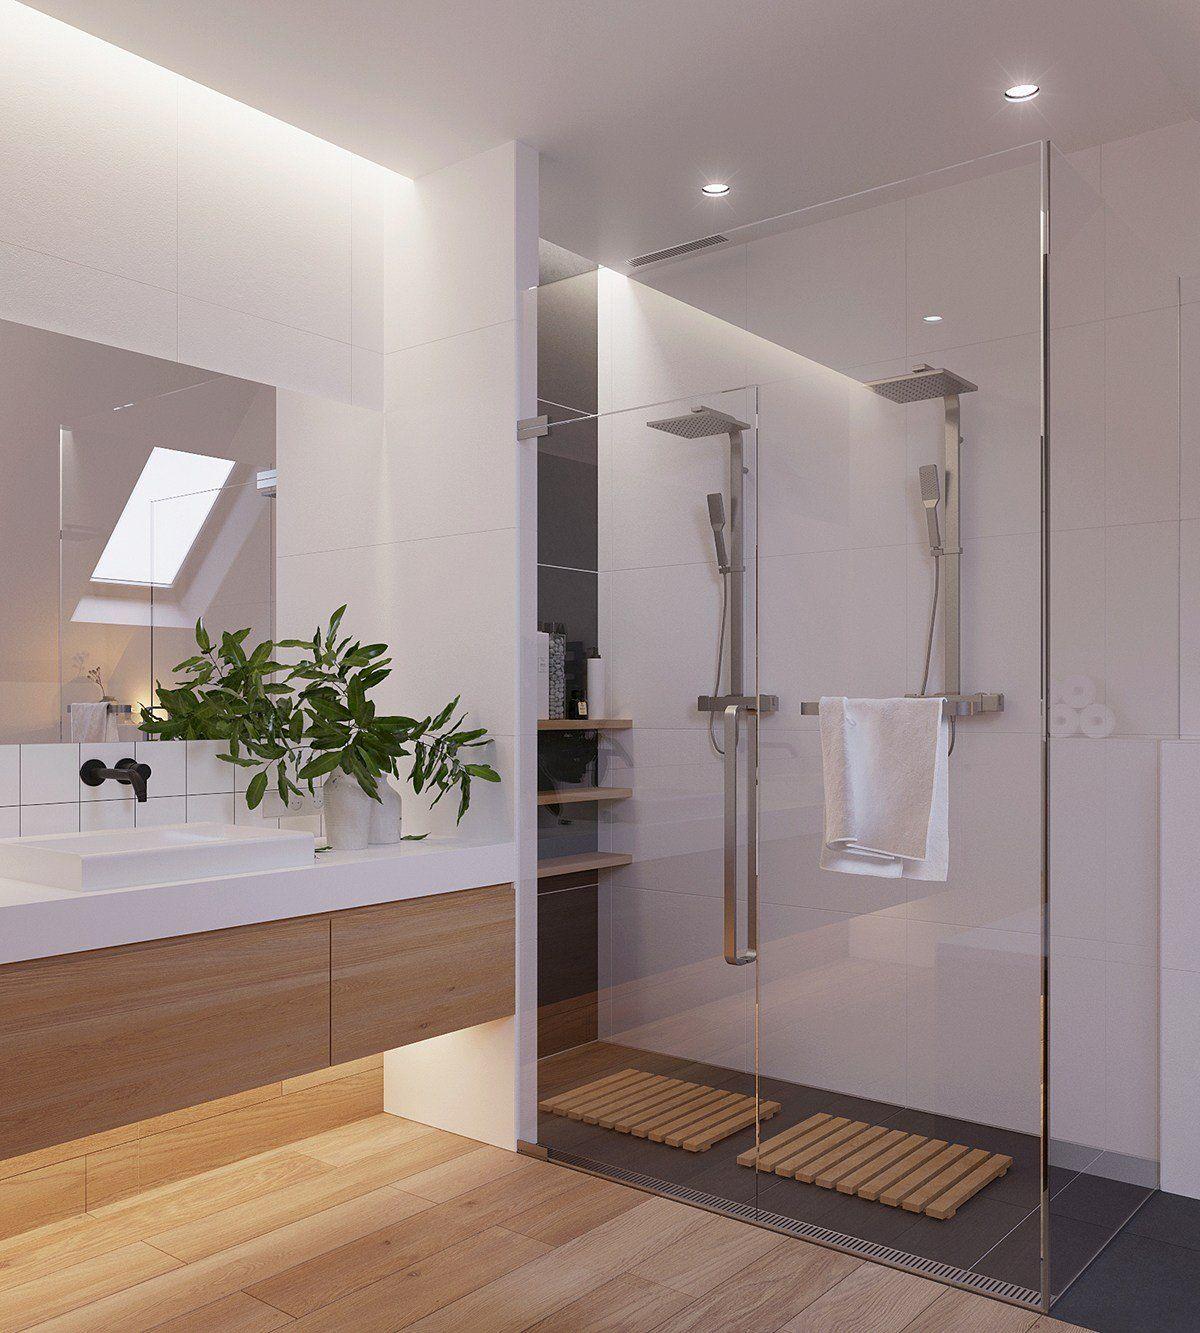 Originale appartamento stile scandinavo moderno design for Idee per il bagno